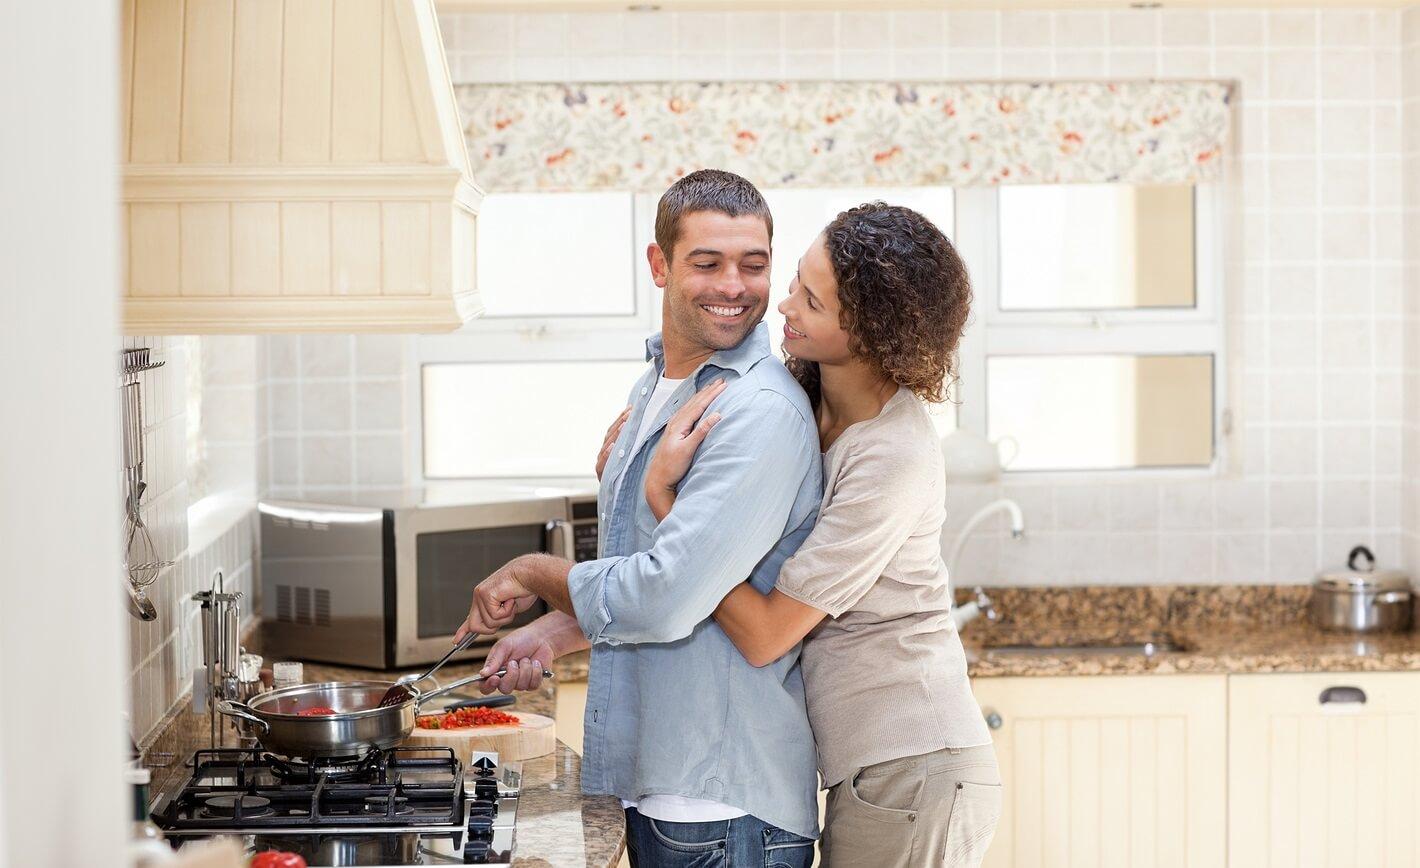 Should You Make Your Partner Sign A Cohabitation Agreement